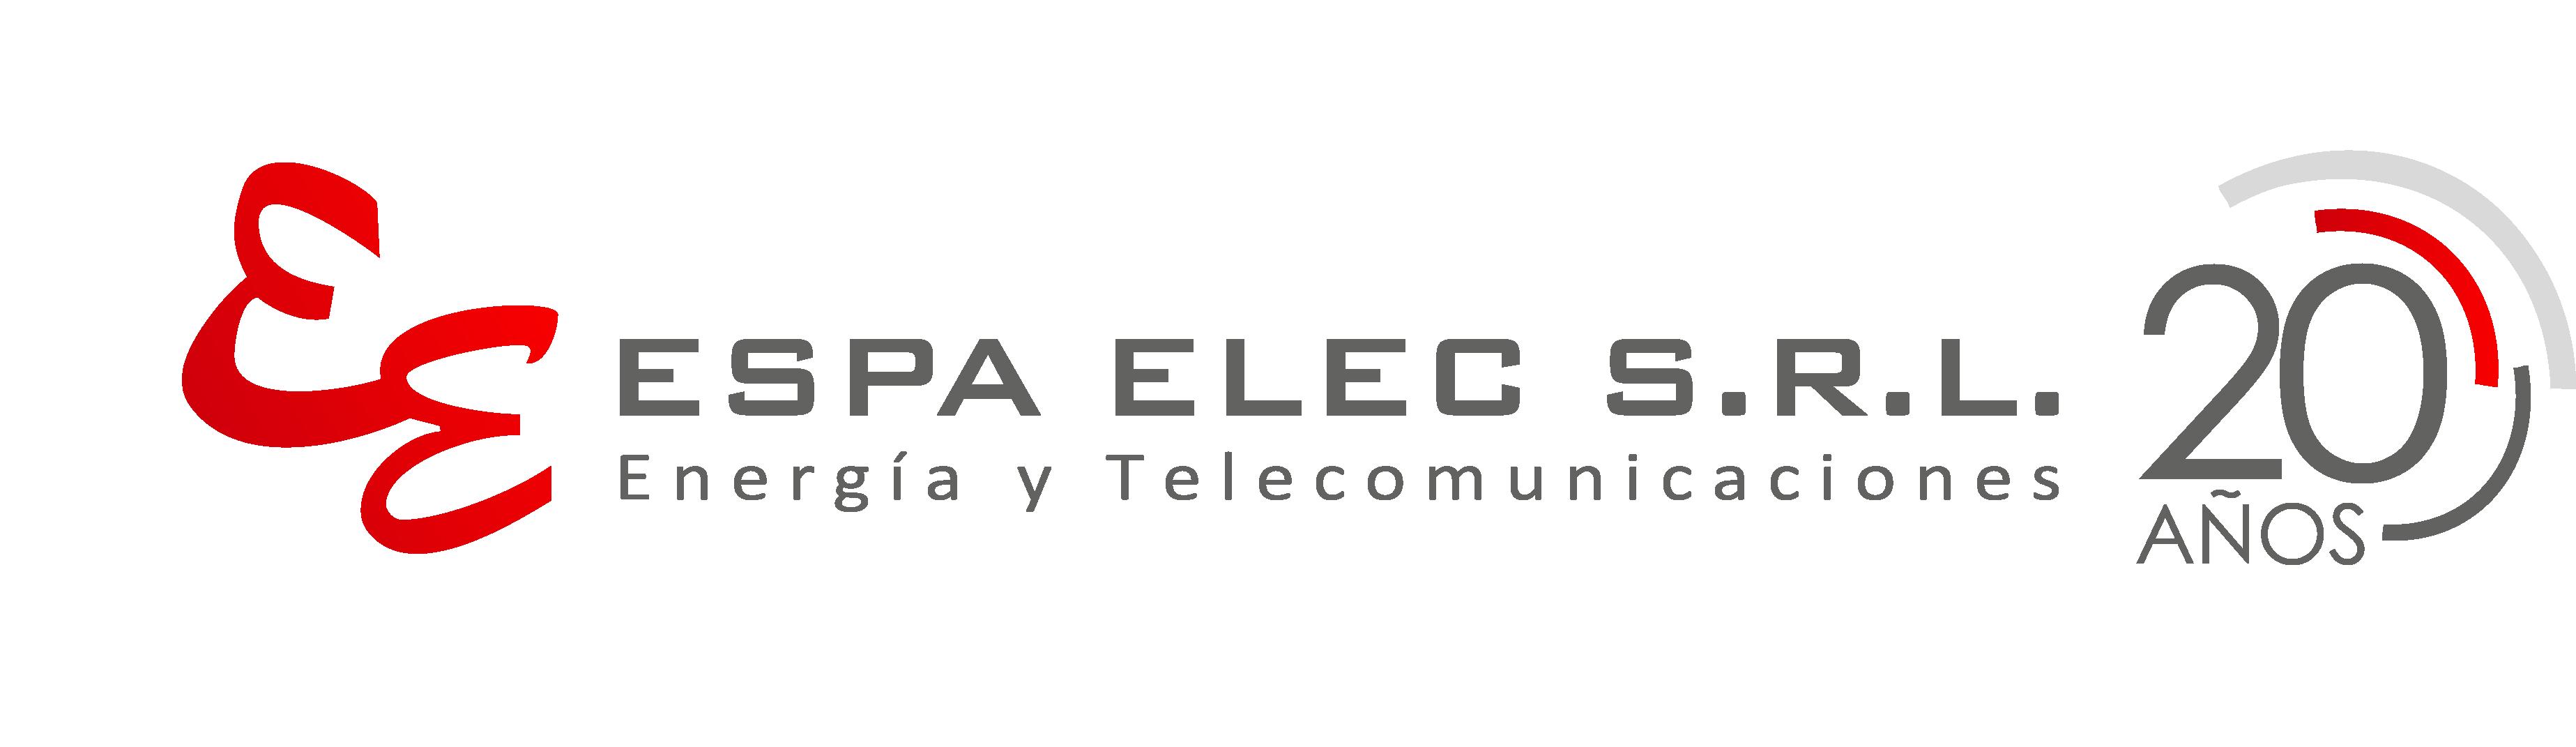 Logo espa-elec